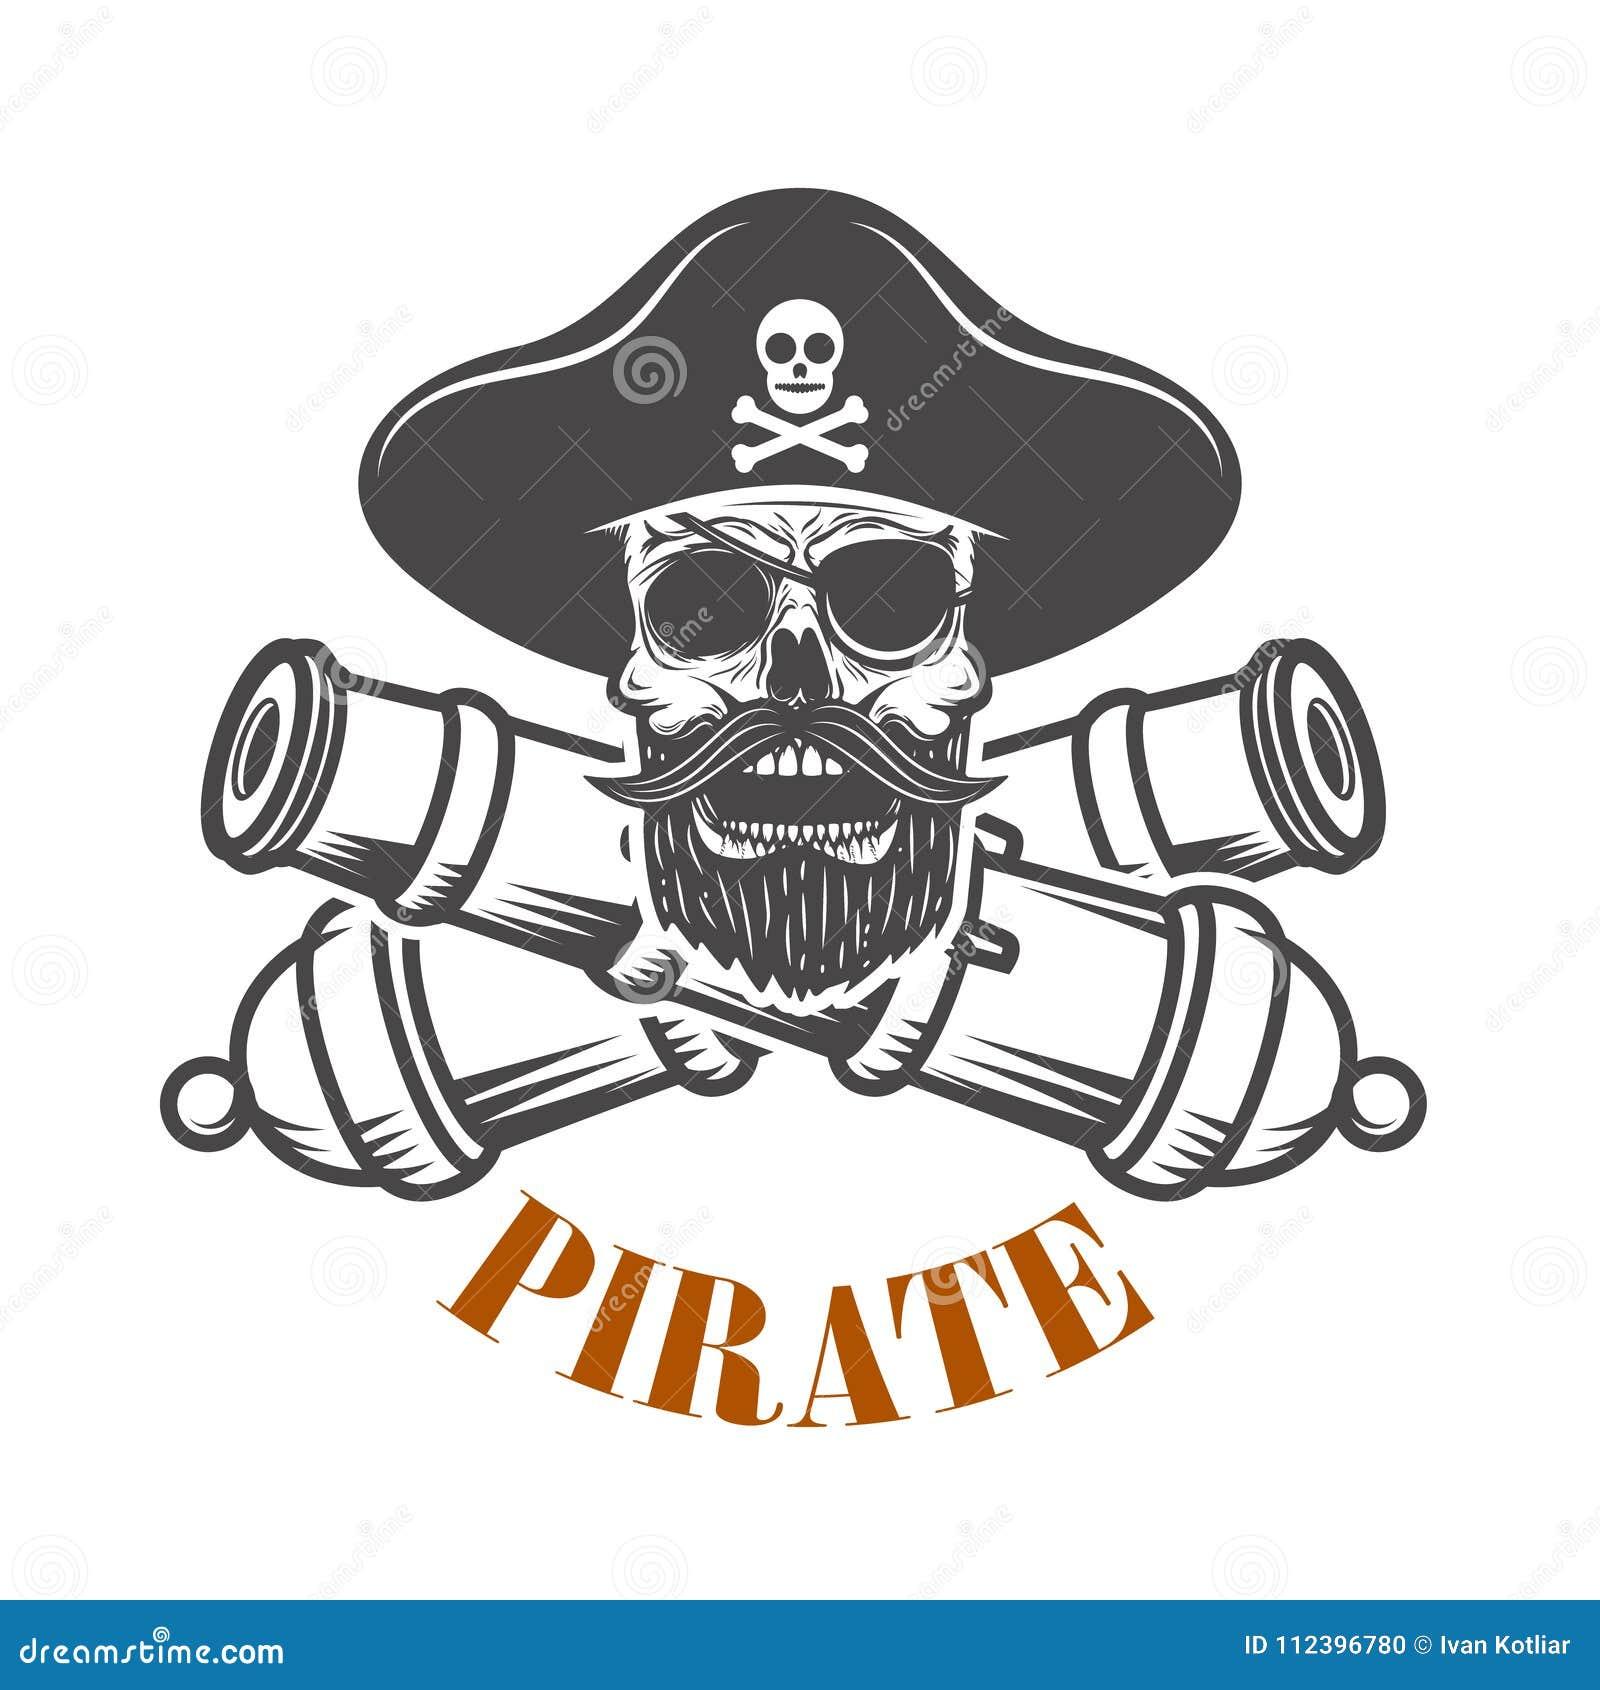 Perfecto Plantillas De Piratas Modelo - Ejemplo De Colección De ...